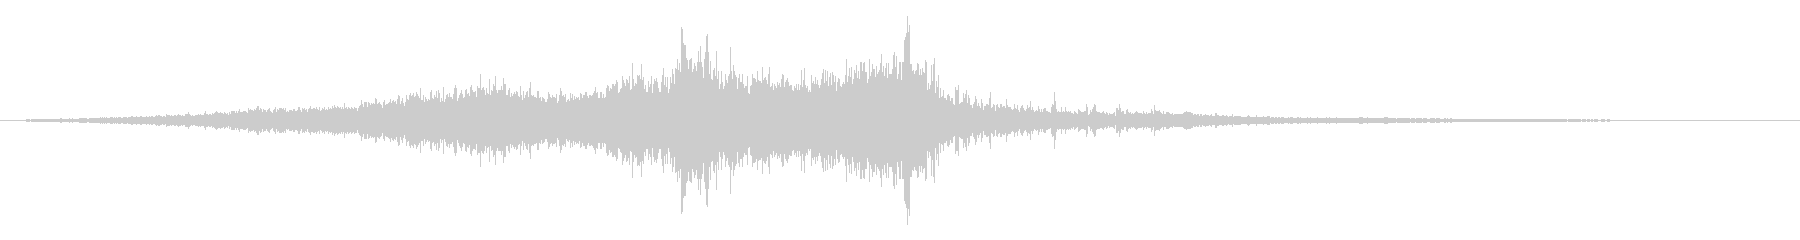 ホラー映画に出てきそうなノイズ系音源21の未再生の波形